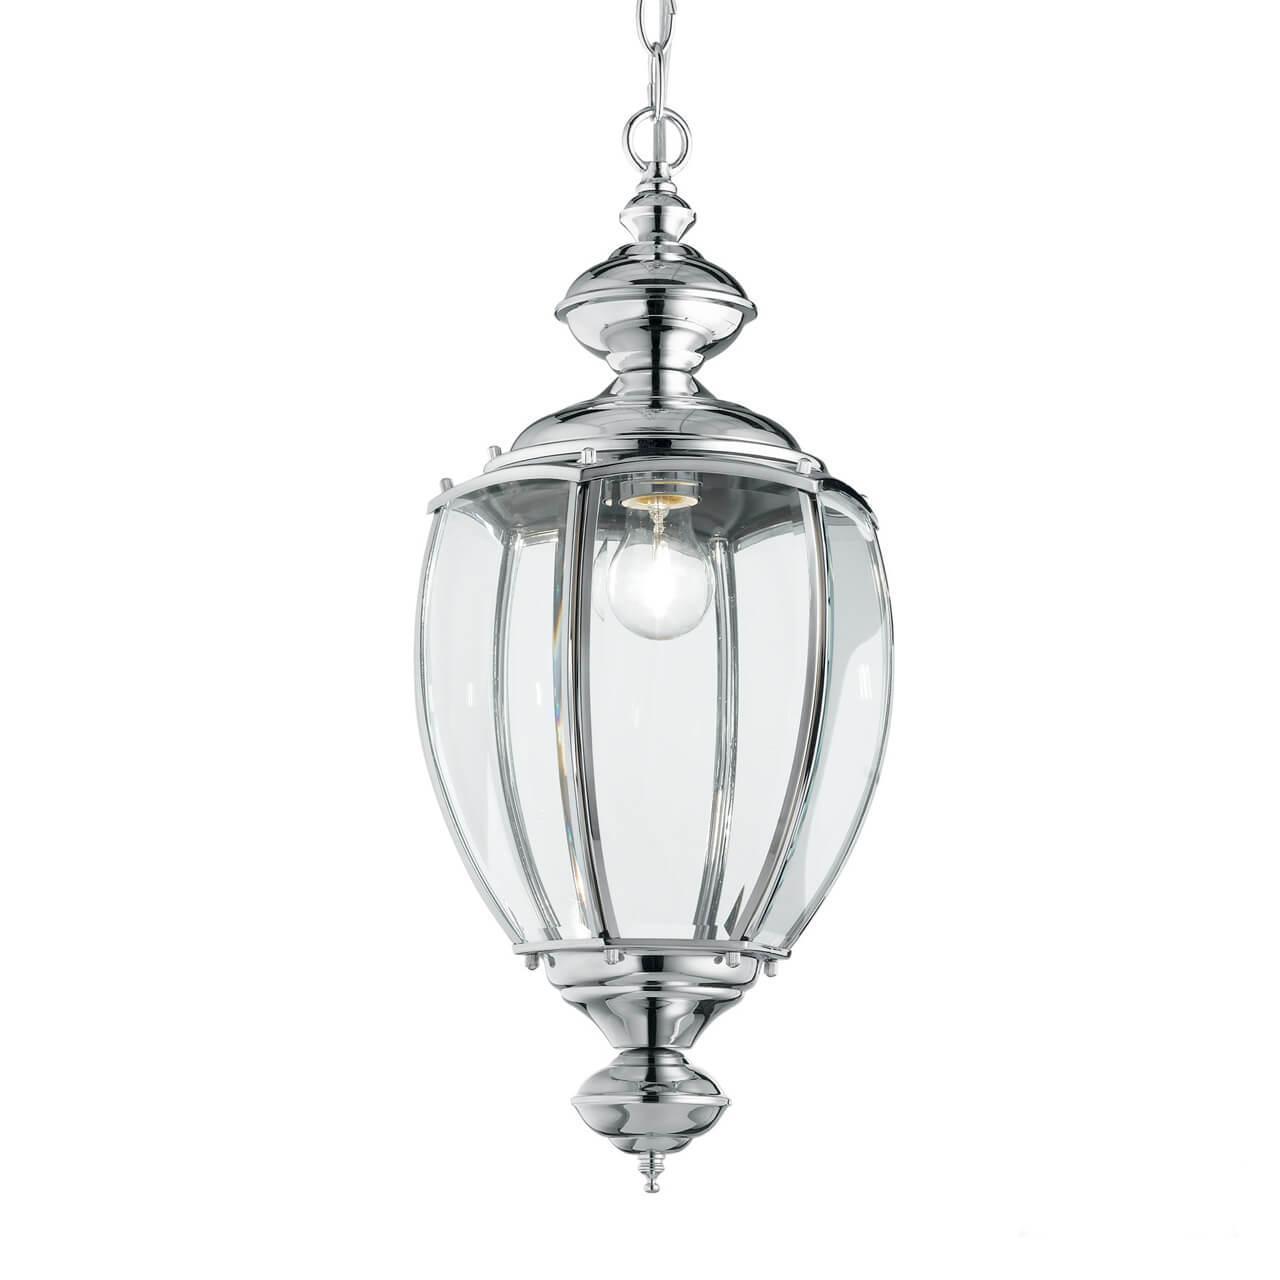 Подвесной светильник Ideal Lux Norma SP1 Cromo, E27, 60 Вт